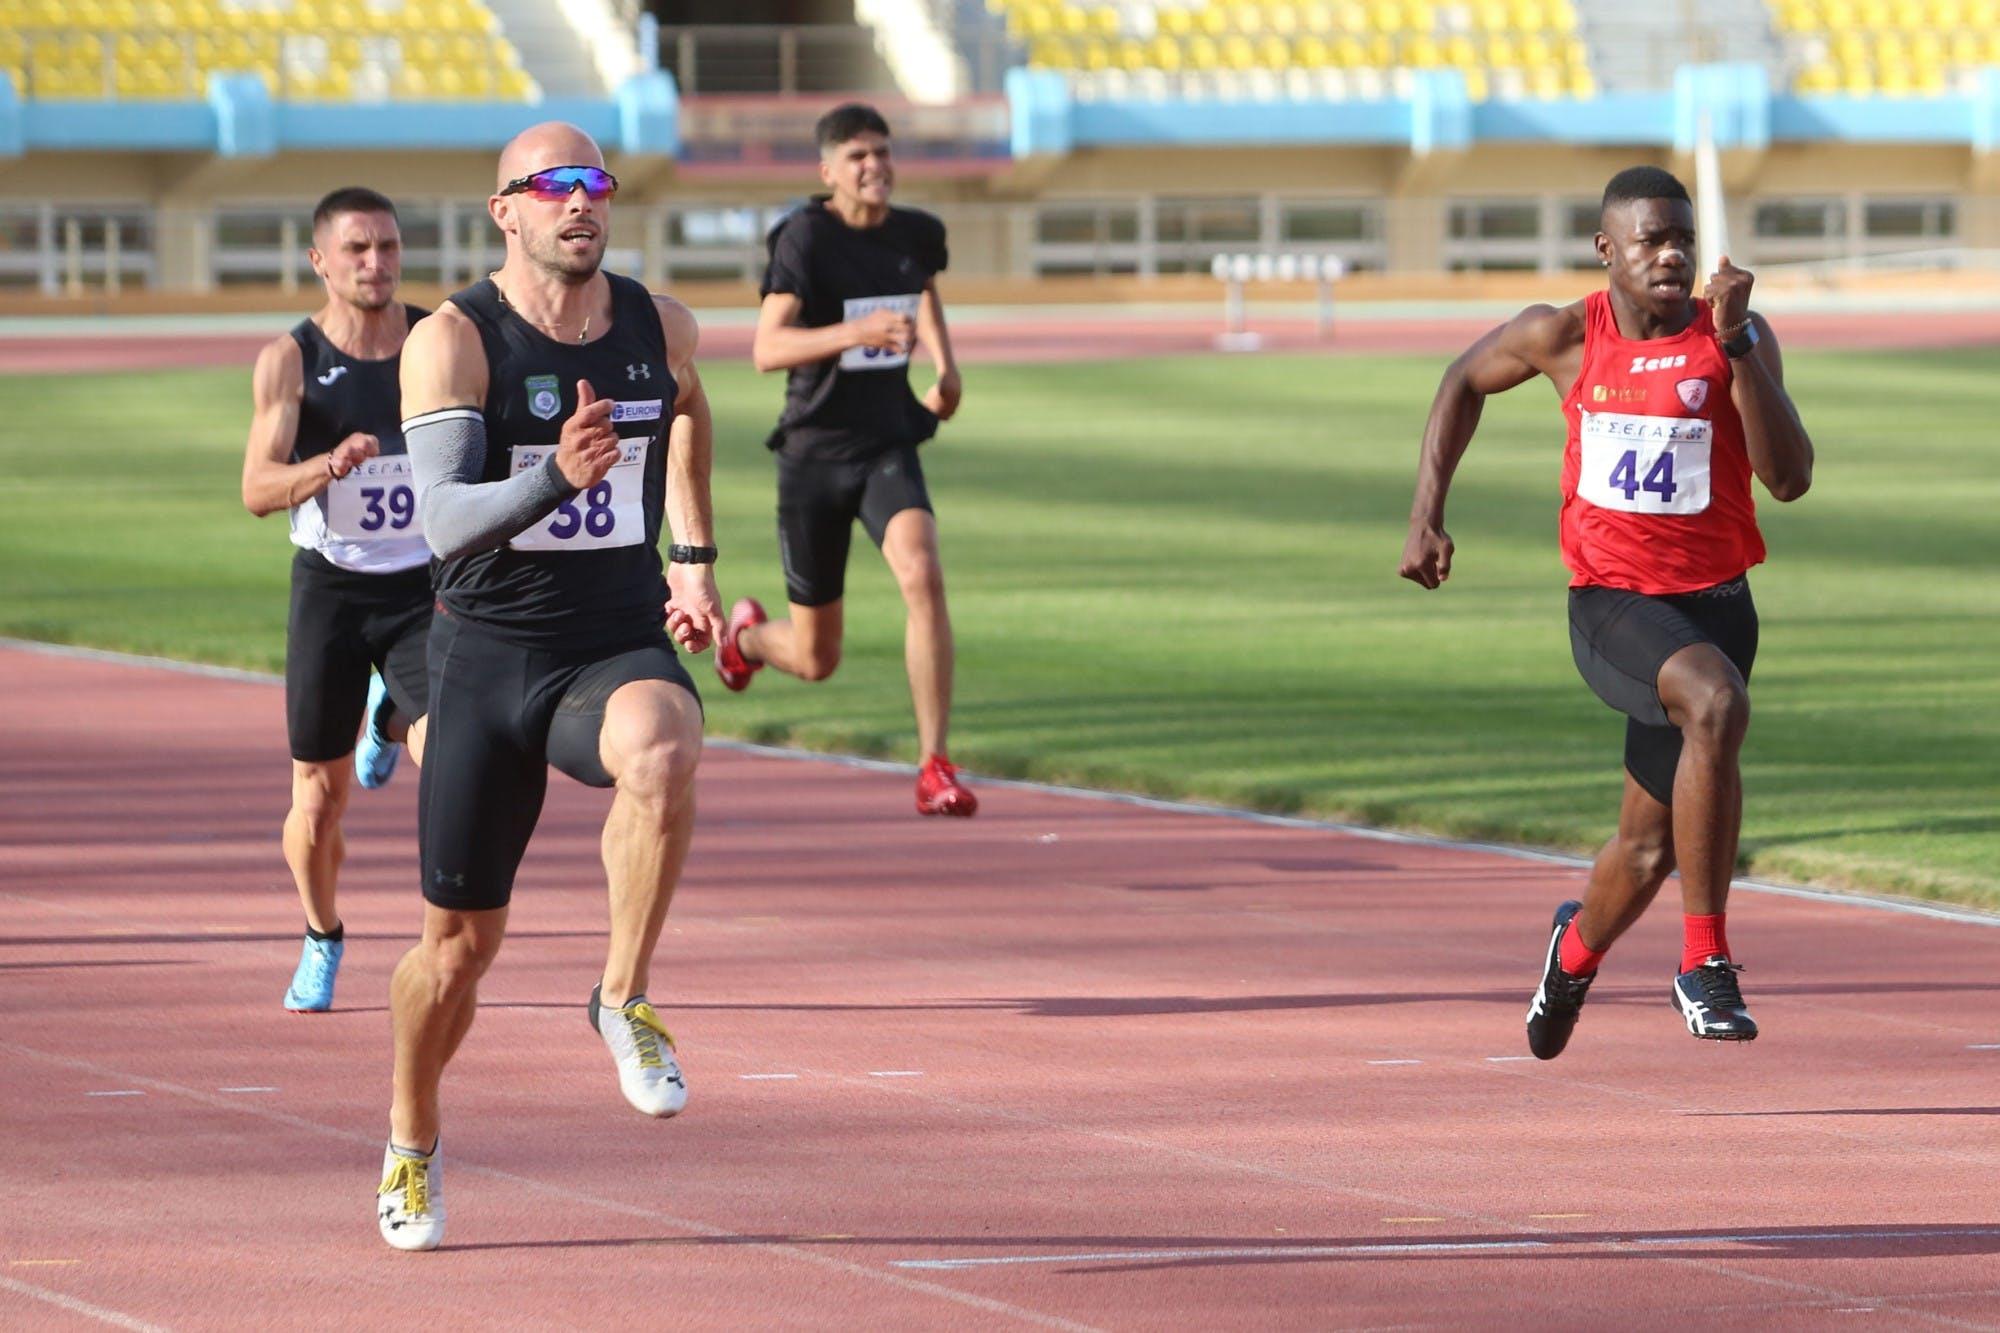 Με δυνατή αποστολή η Ελλάδα στο Βαλκανικό πρωτάθλημα Κ18